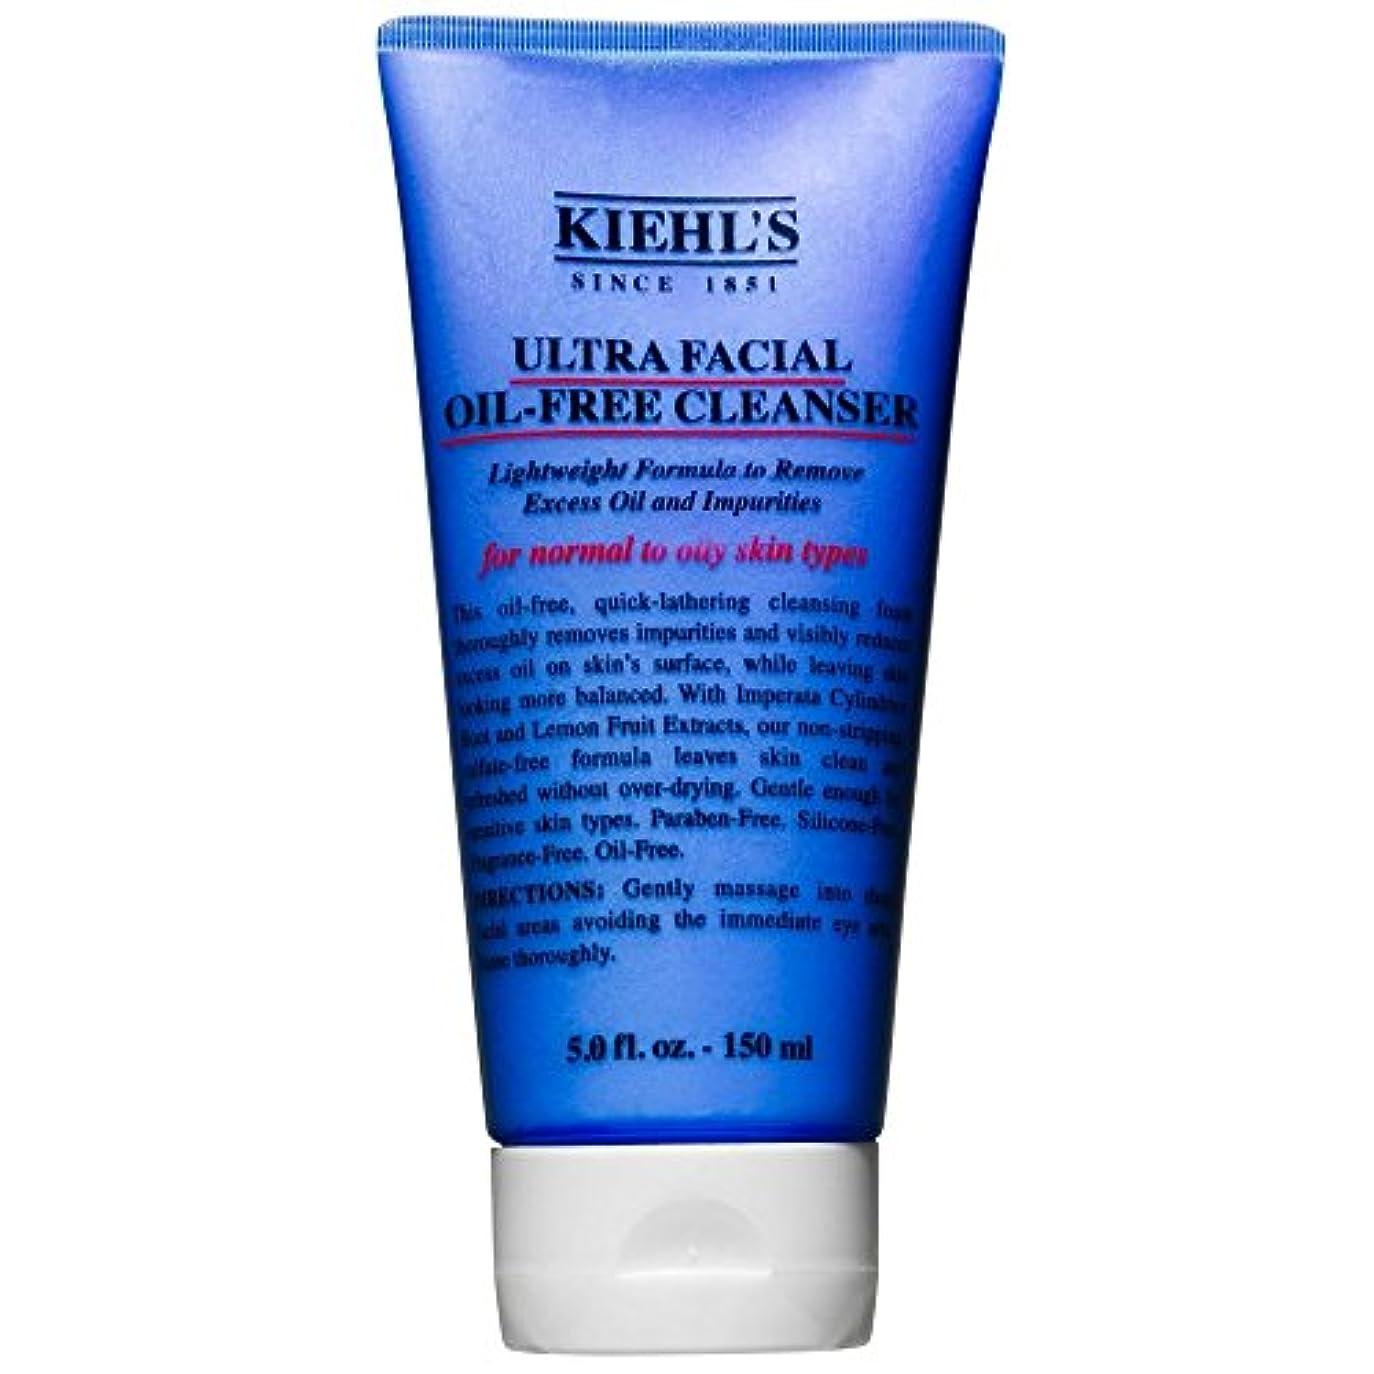 誤って穴壁[Kiehl's] キールズウルトラフェイシャルオイルフリークレンザー、150ミリリットル - Kiehl's Ultra Facial Oil-Free Cleanser, 150ml [並行輸入品]